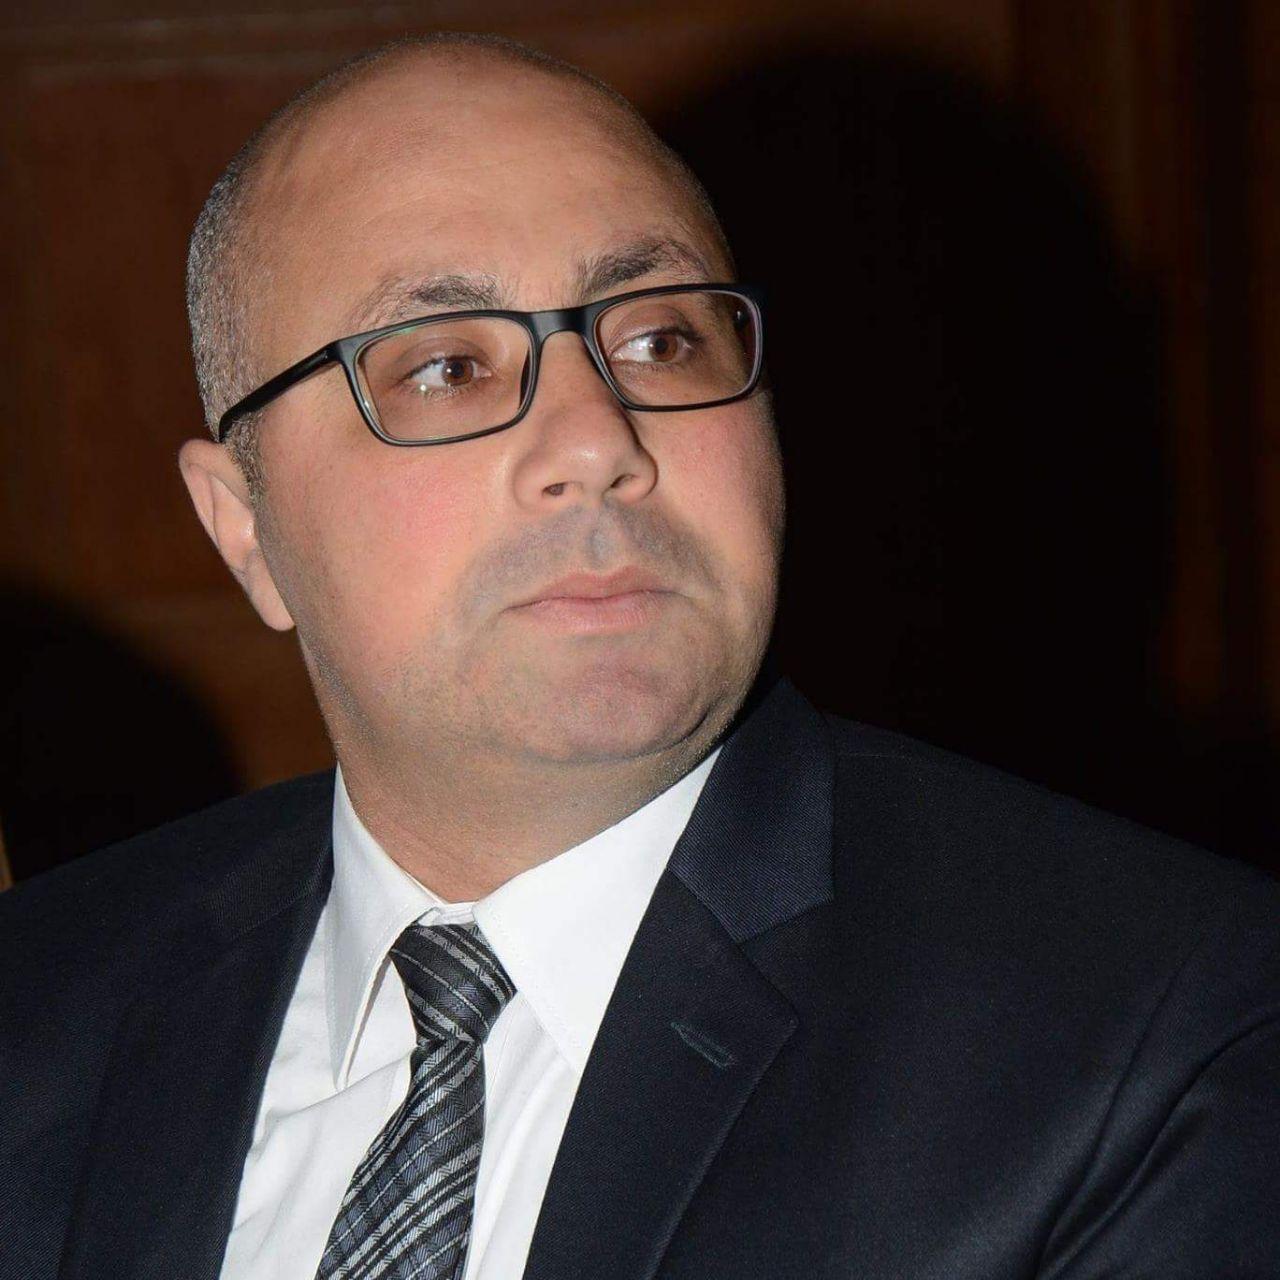 د.أحمد بهى الدين نائبا لرئيس هيئة الكتاب 14